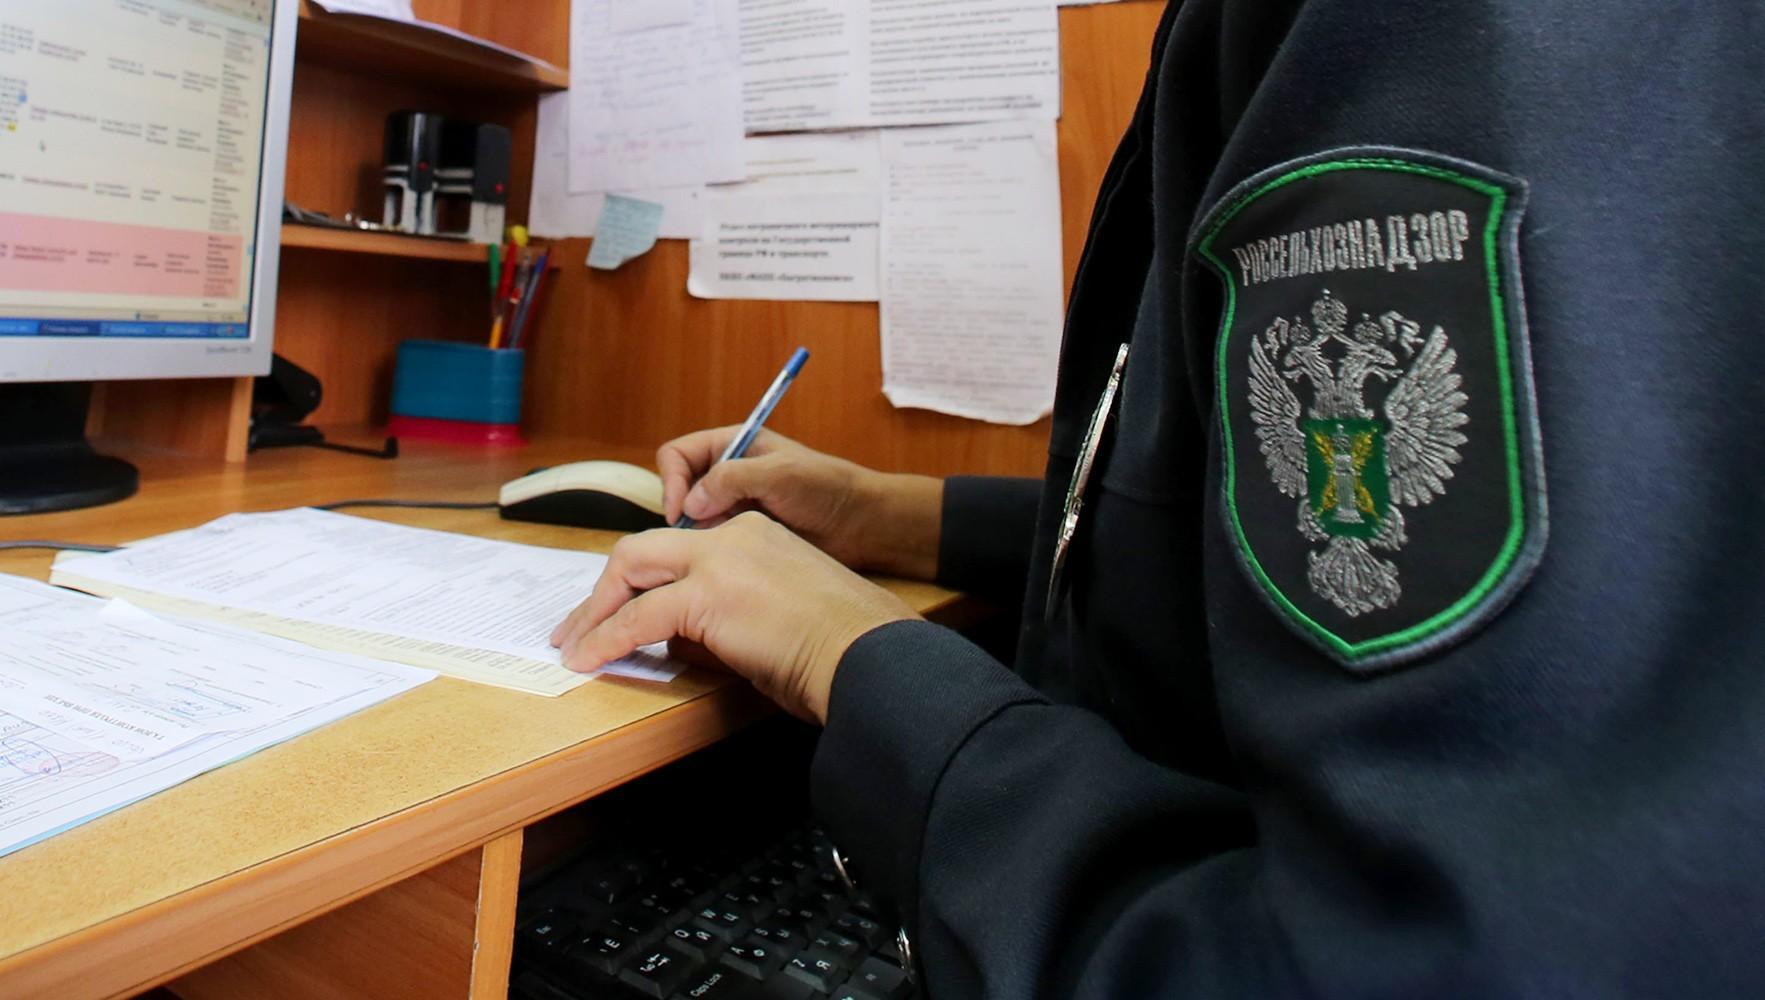 В Тверской области юридическому лицу направлено предостережение в связи с зарастанием свыше 850 гектаров сельхозугодий - новости Афанасий